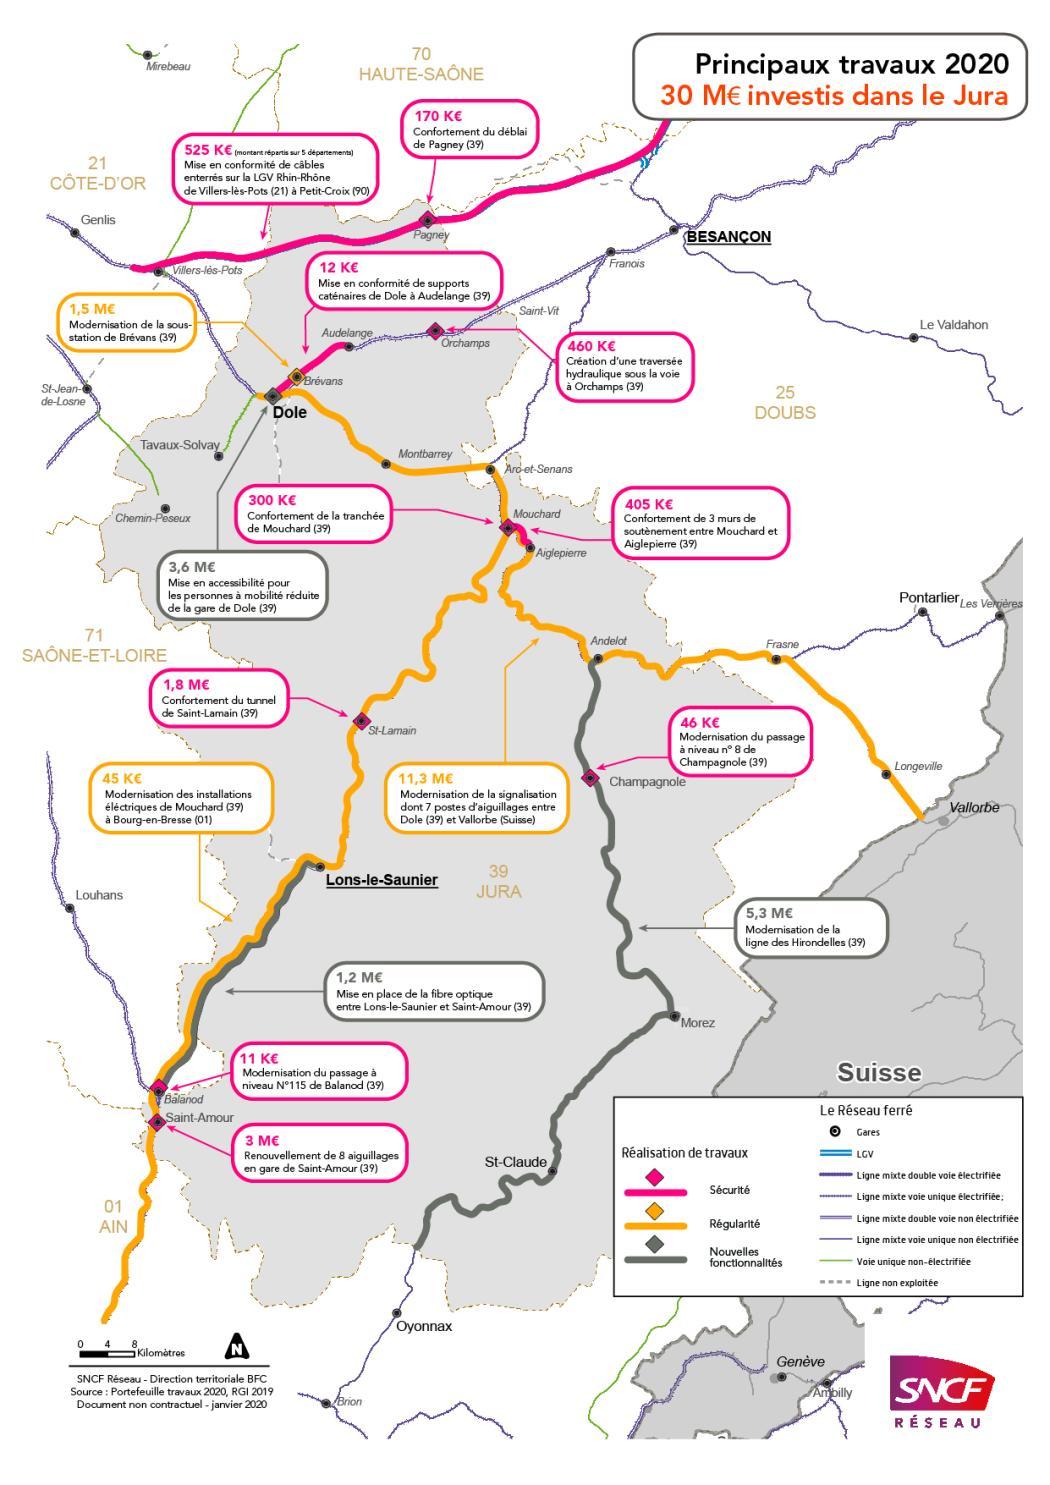 Cartographie 2020 Des Travaux Sncf Reseau Dans Le Jura 39 Sncf Reseau